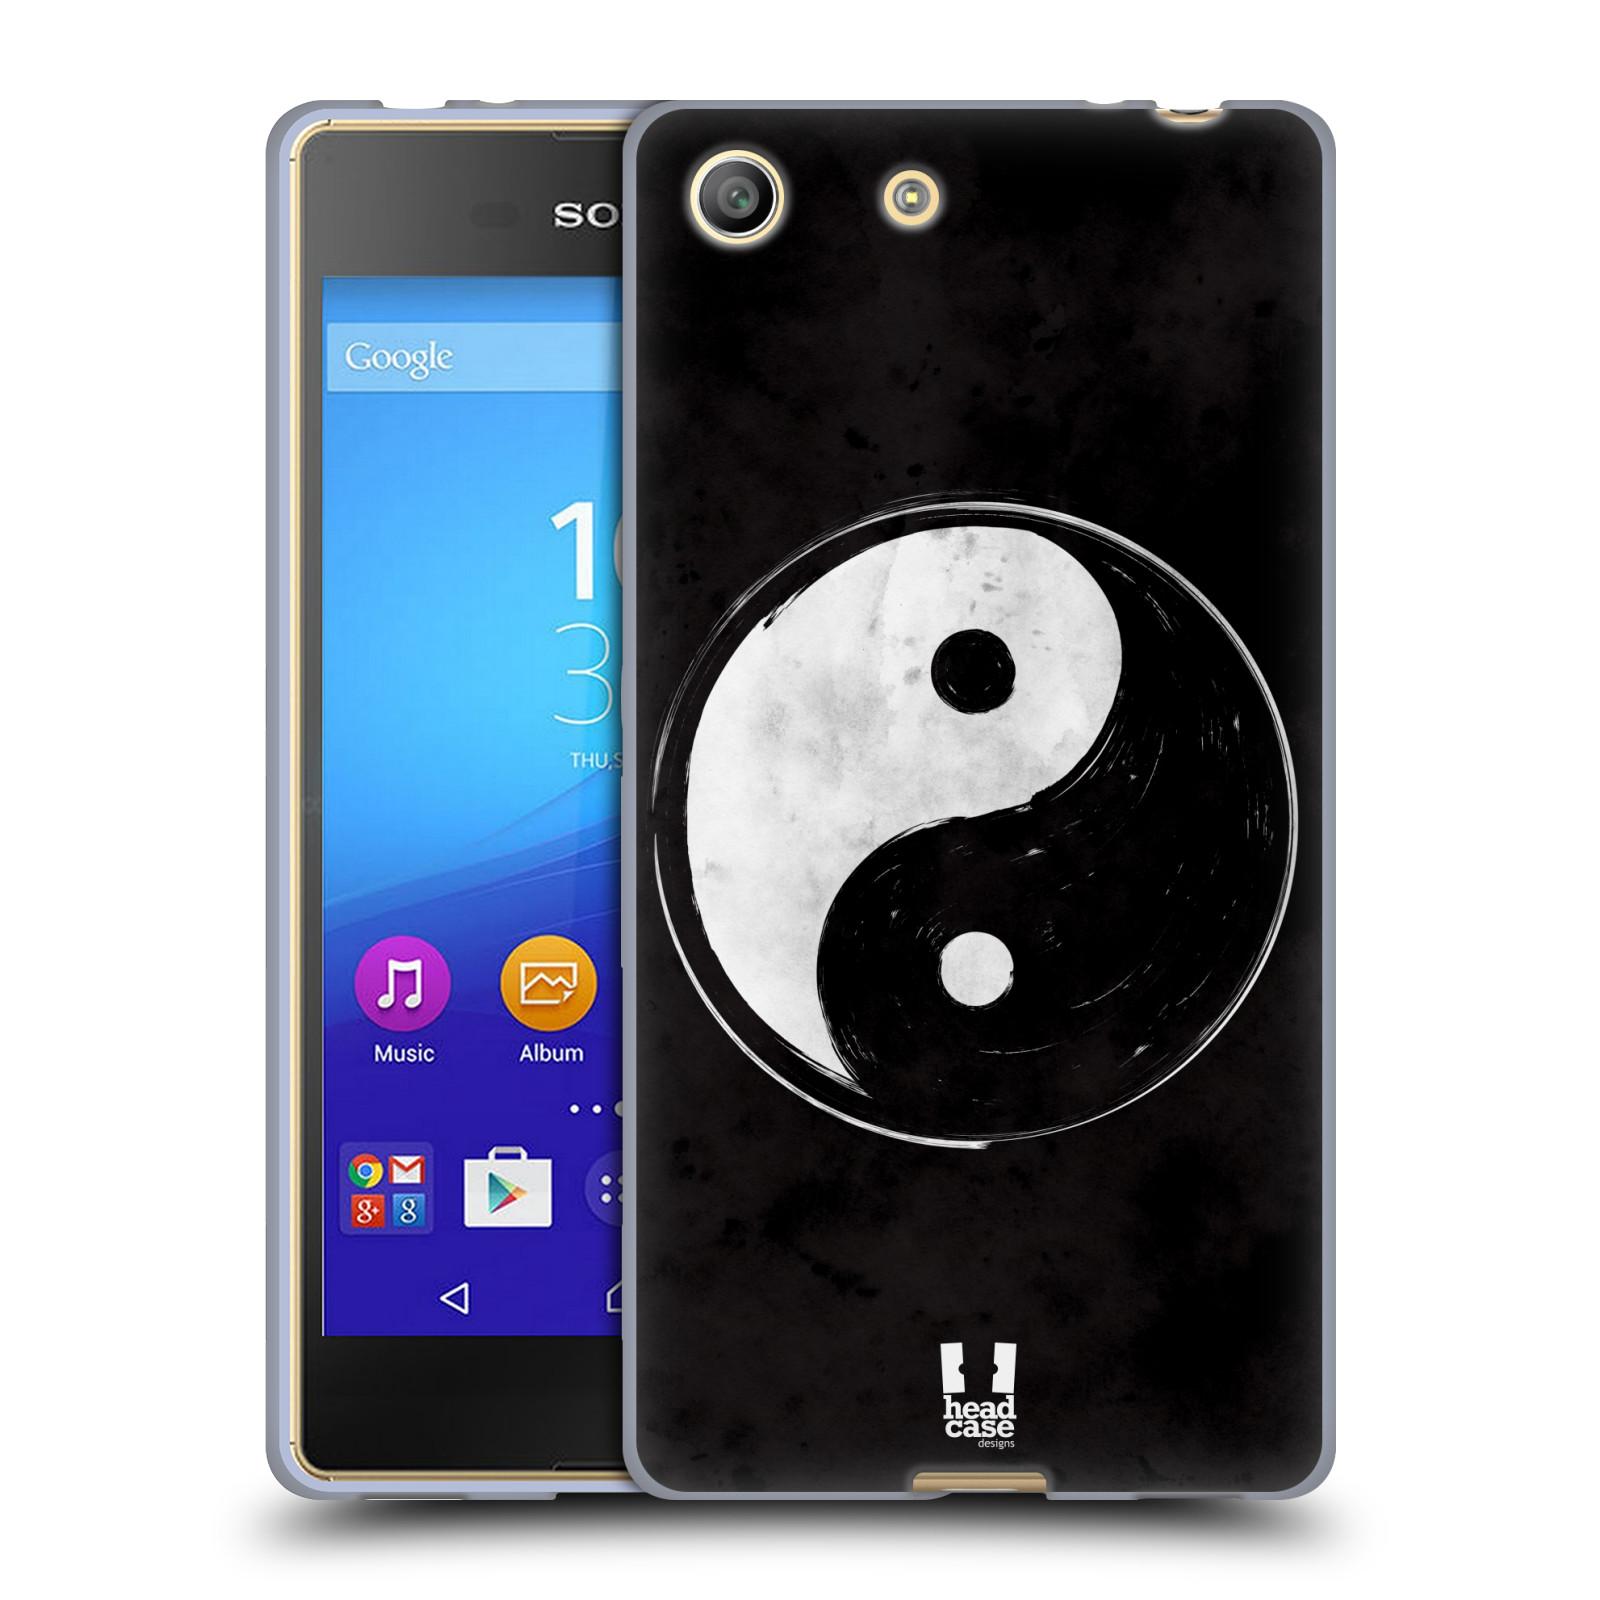 Silikonové pouzdro na mobil Sony Xperia M5 HEAD CASE YIn a Yang BW (Silikonový kryt či obal na mobilní telefon Sony Xperia M5 Dual SIM / Aqua)